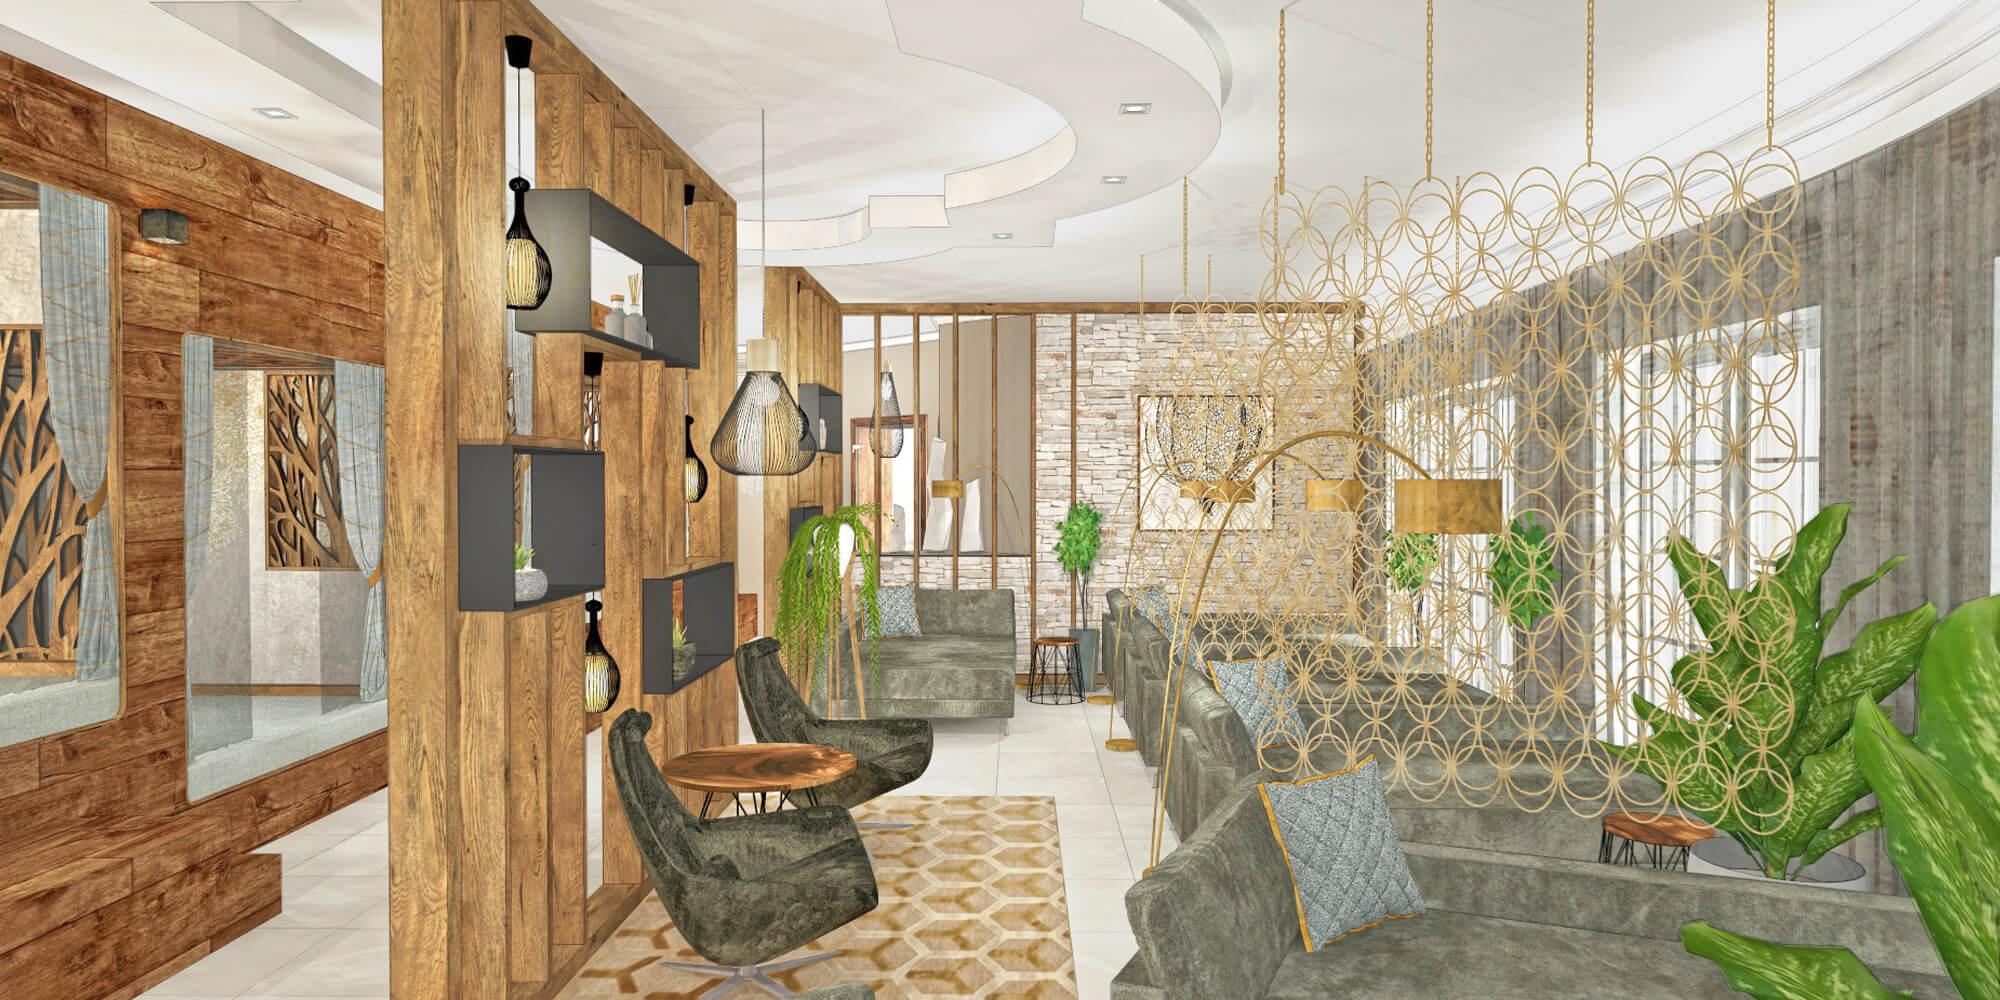 Crea-Plan-Design-Rauch-Frühmann-Architektur-Innenarchitektur-Design-Projekt-Referenz-Hotelerie-Gastronomie-Hotel-Guglwald-Wellness-F